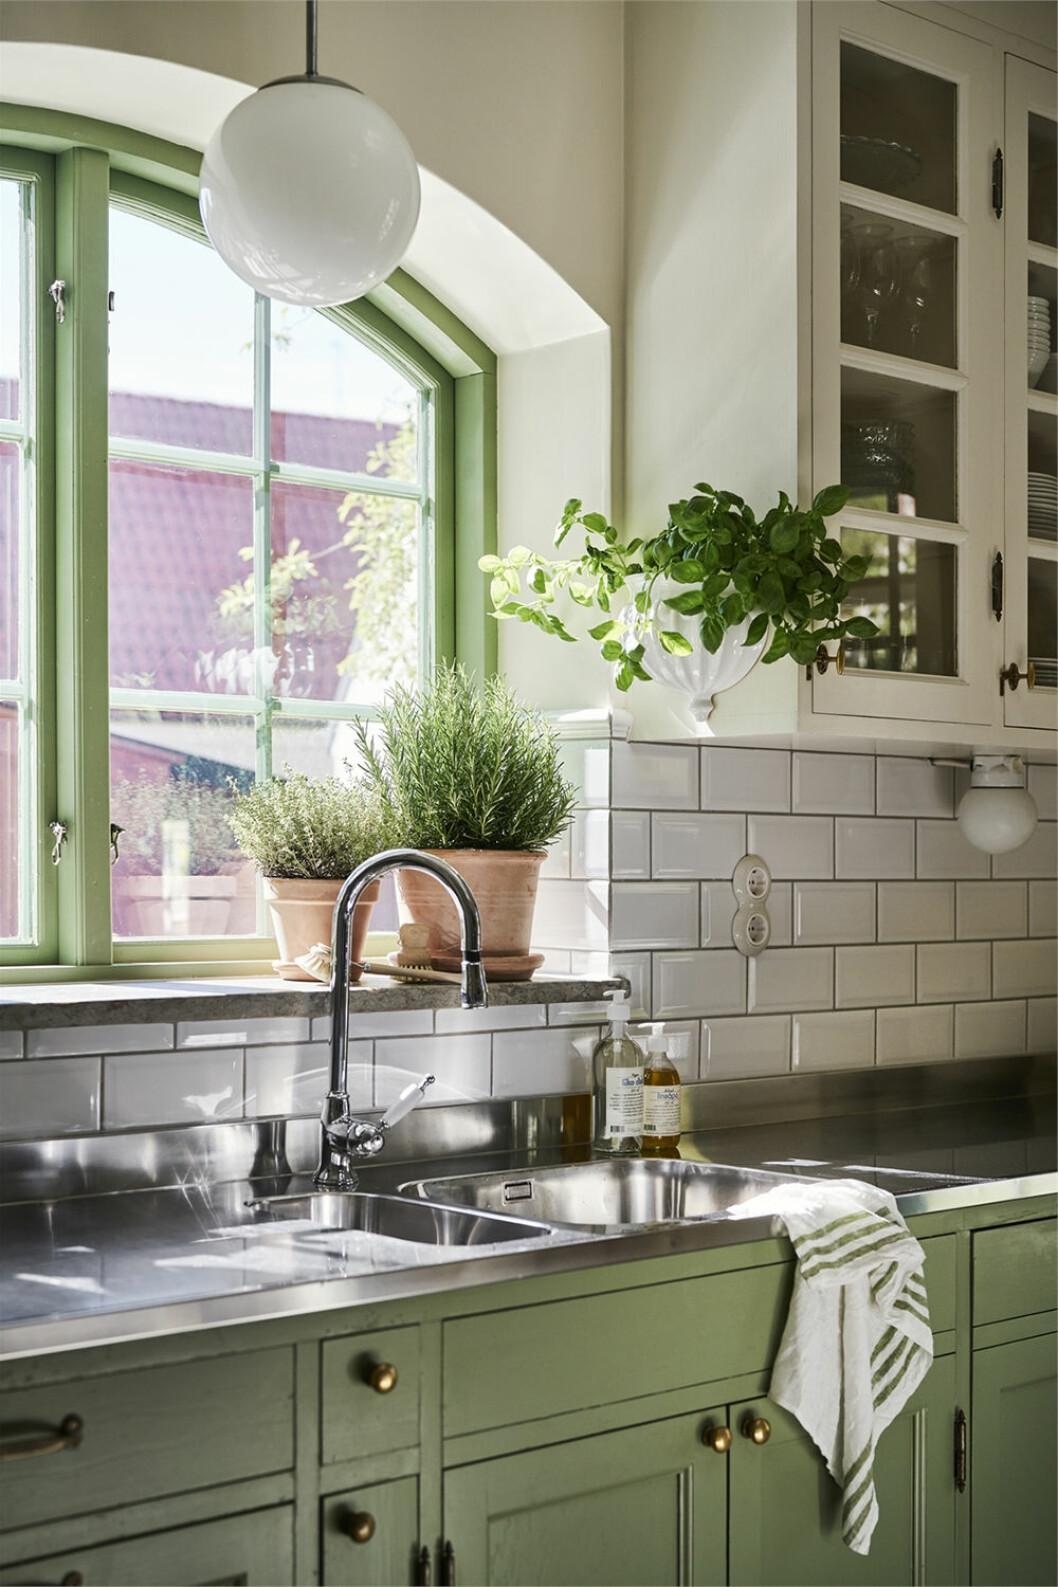 Vackert grönt kök i lantlig stil